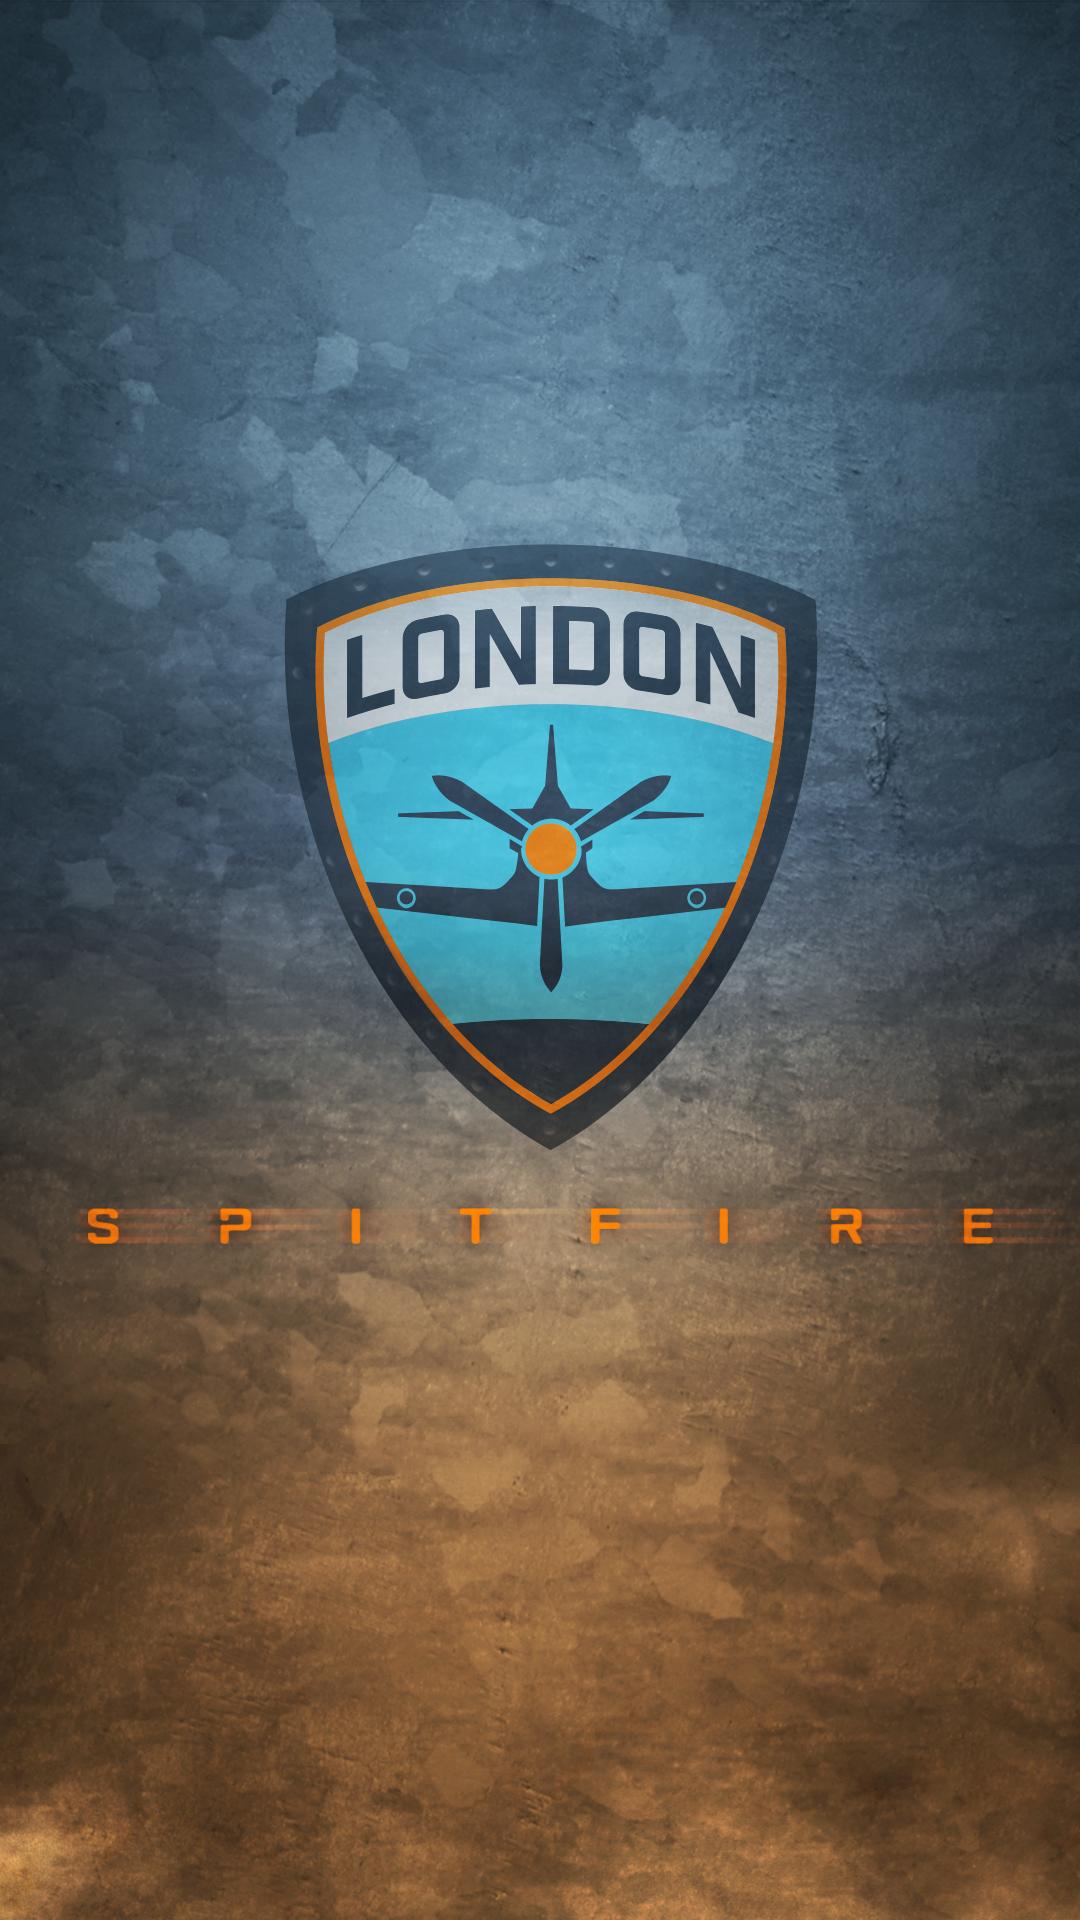 Wallpaper London Spitfire Overwatch League E Sports 1080x1920